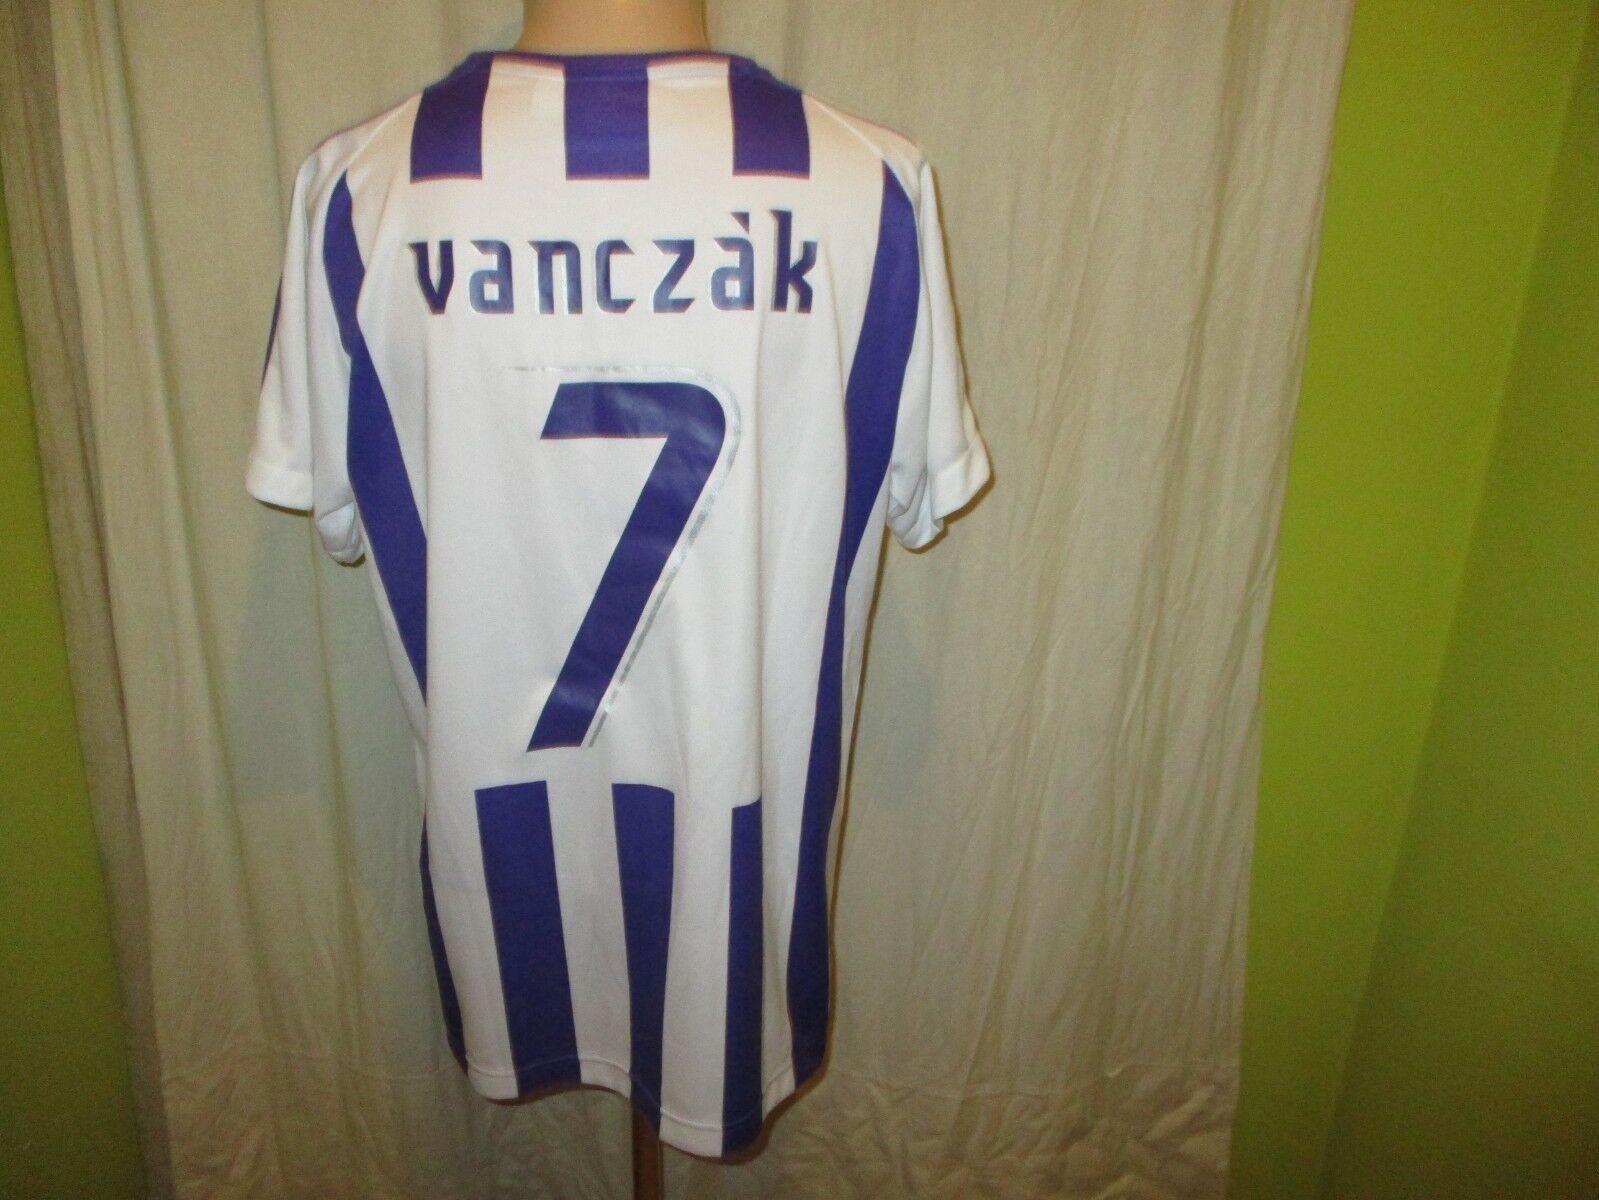 Üjpest FC Puma Puma Puma Heim Trikot 2001 02  ohne Hauptsponsor  + Nr.7 Vanczak Gr.L TOP 3f86f2